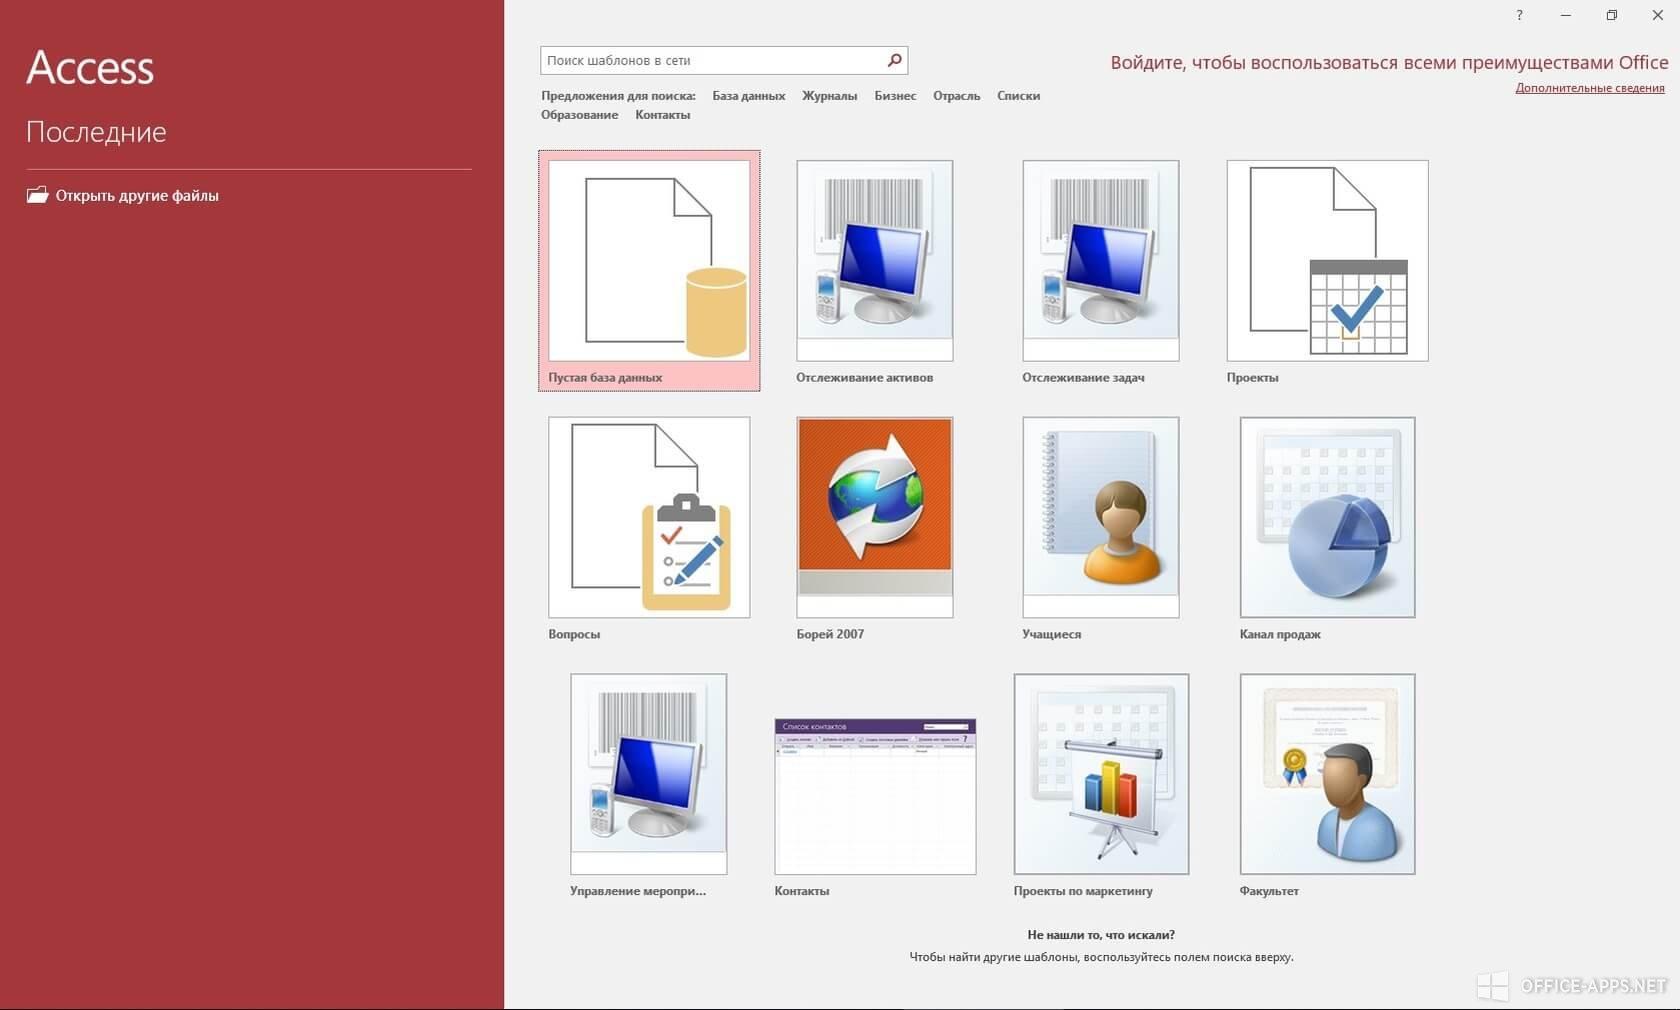 Microsoft access 2010 скачать бесплатно на русском